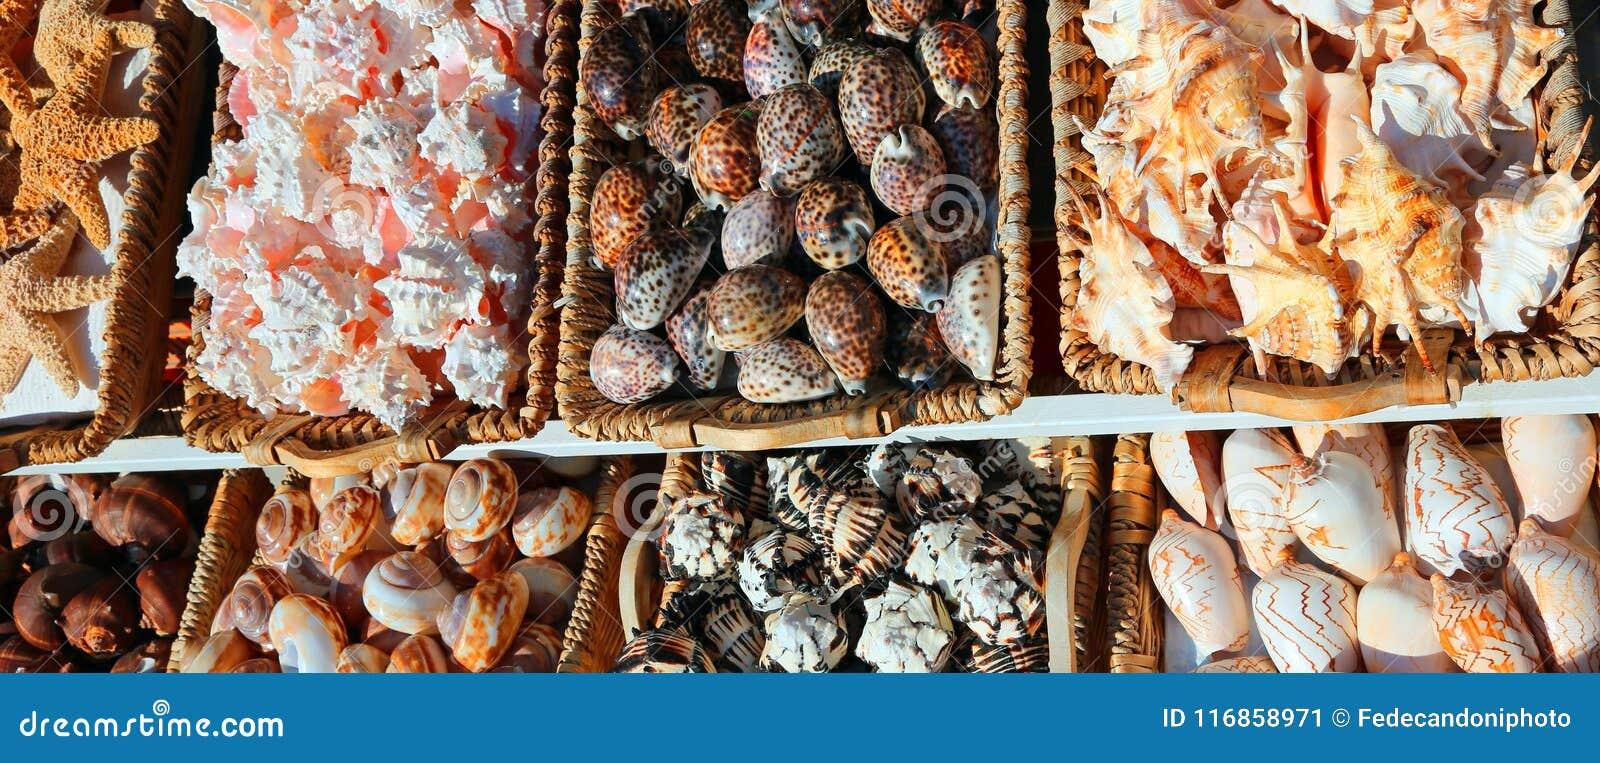 Shell exóticos nas cestas em uma loja de lembrança